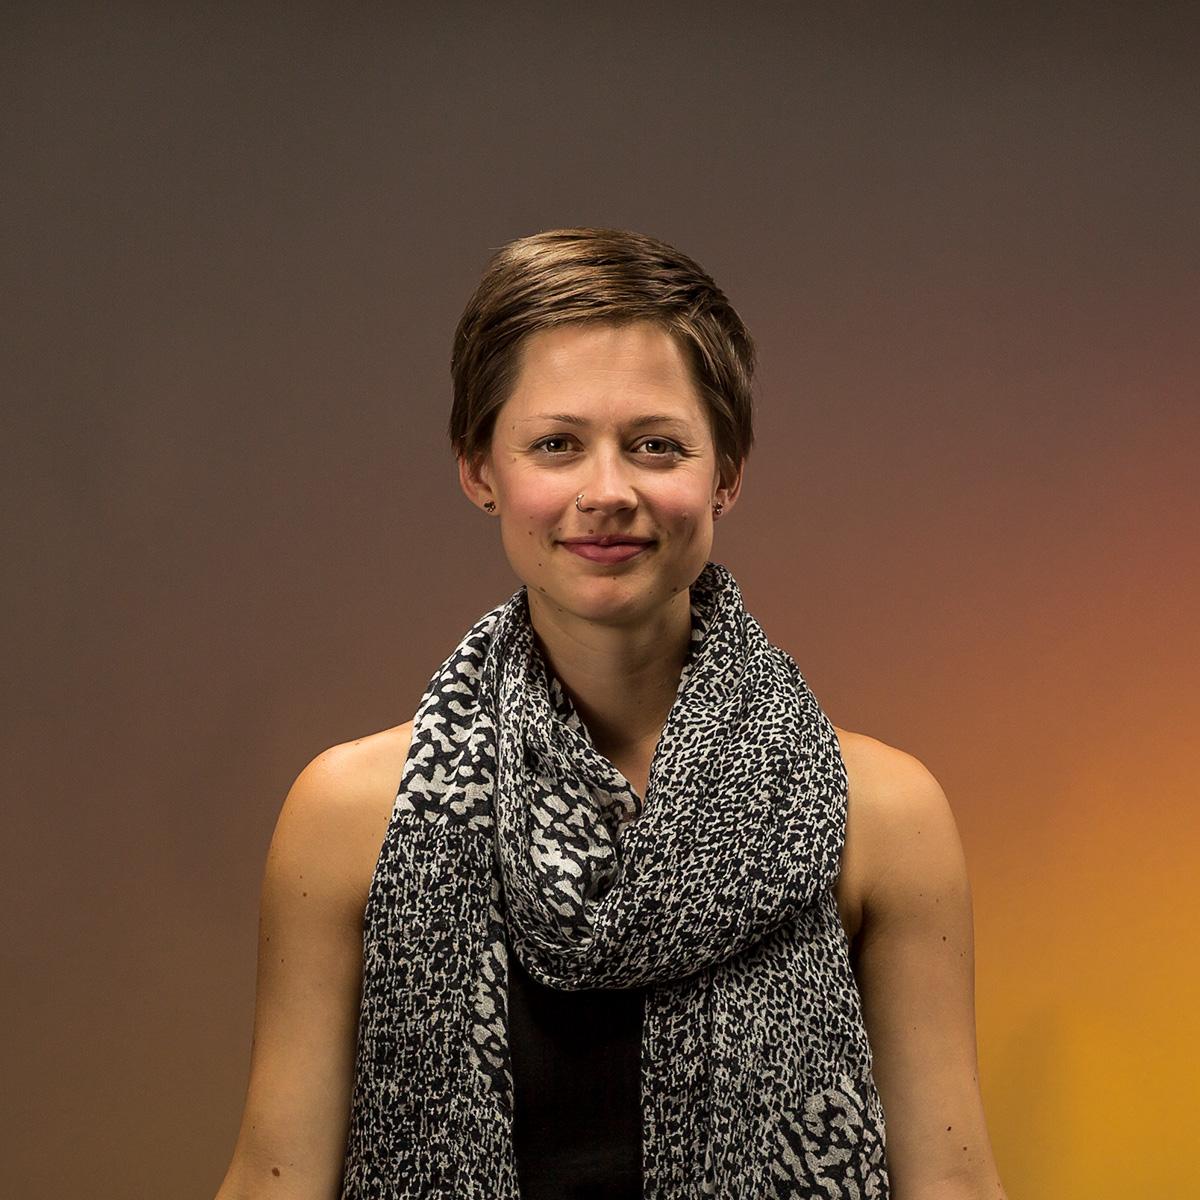 Kate Werning